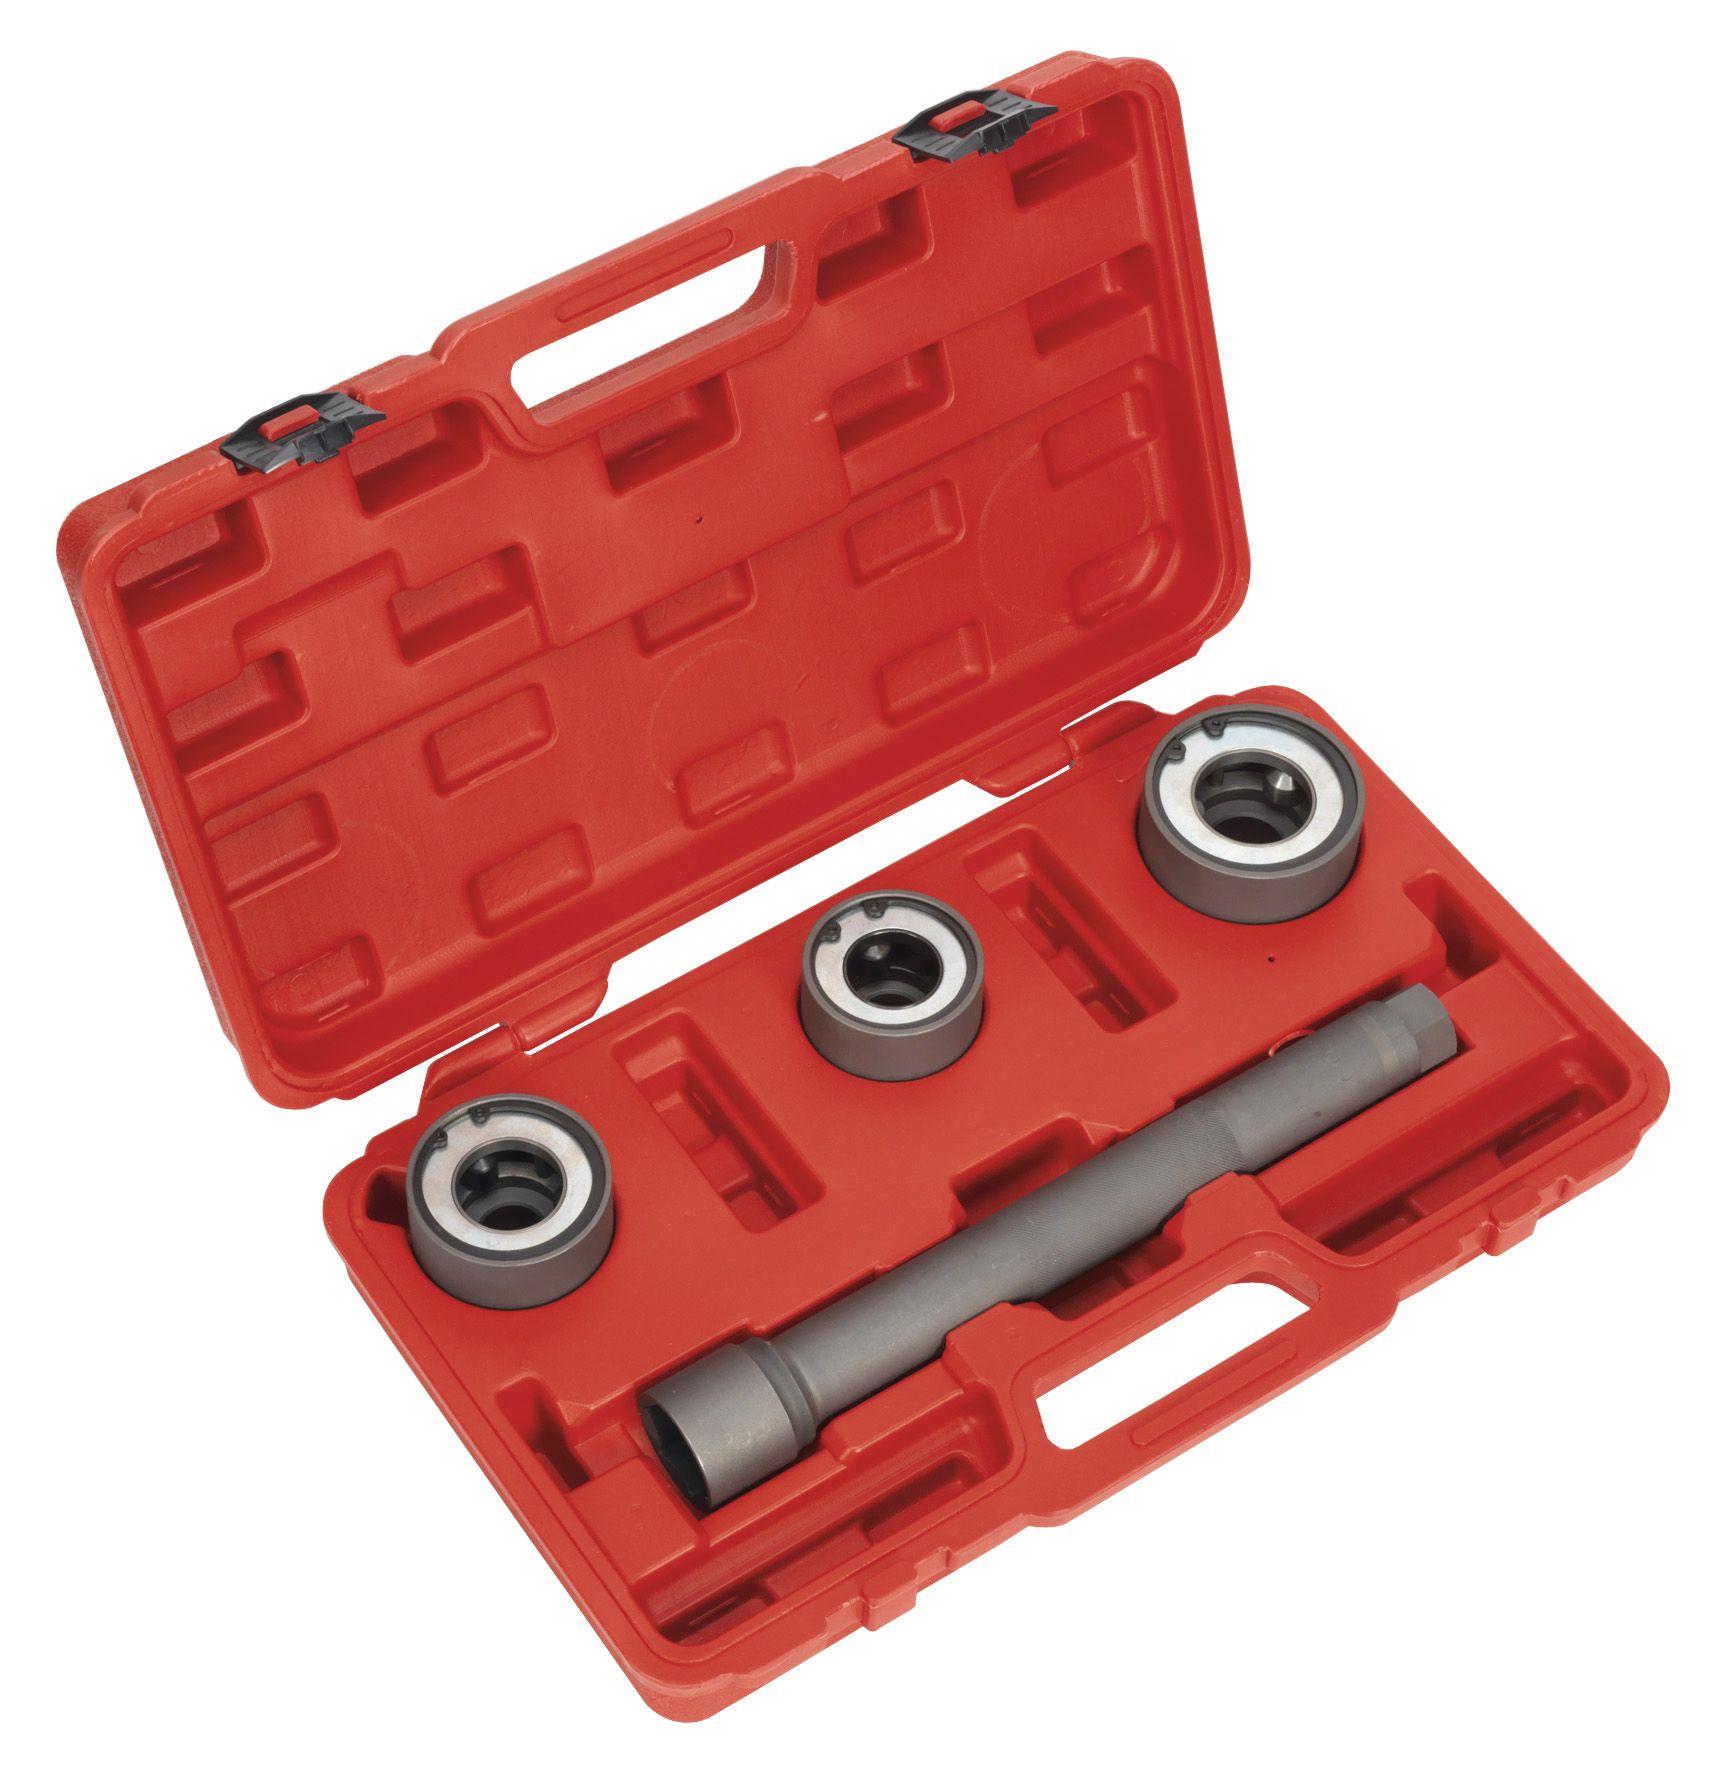 Sealey Steering Rack Knuckle Tool Set 4pc